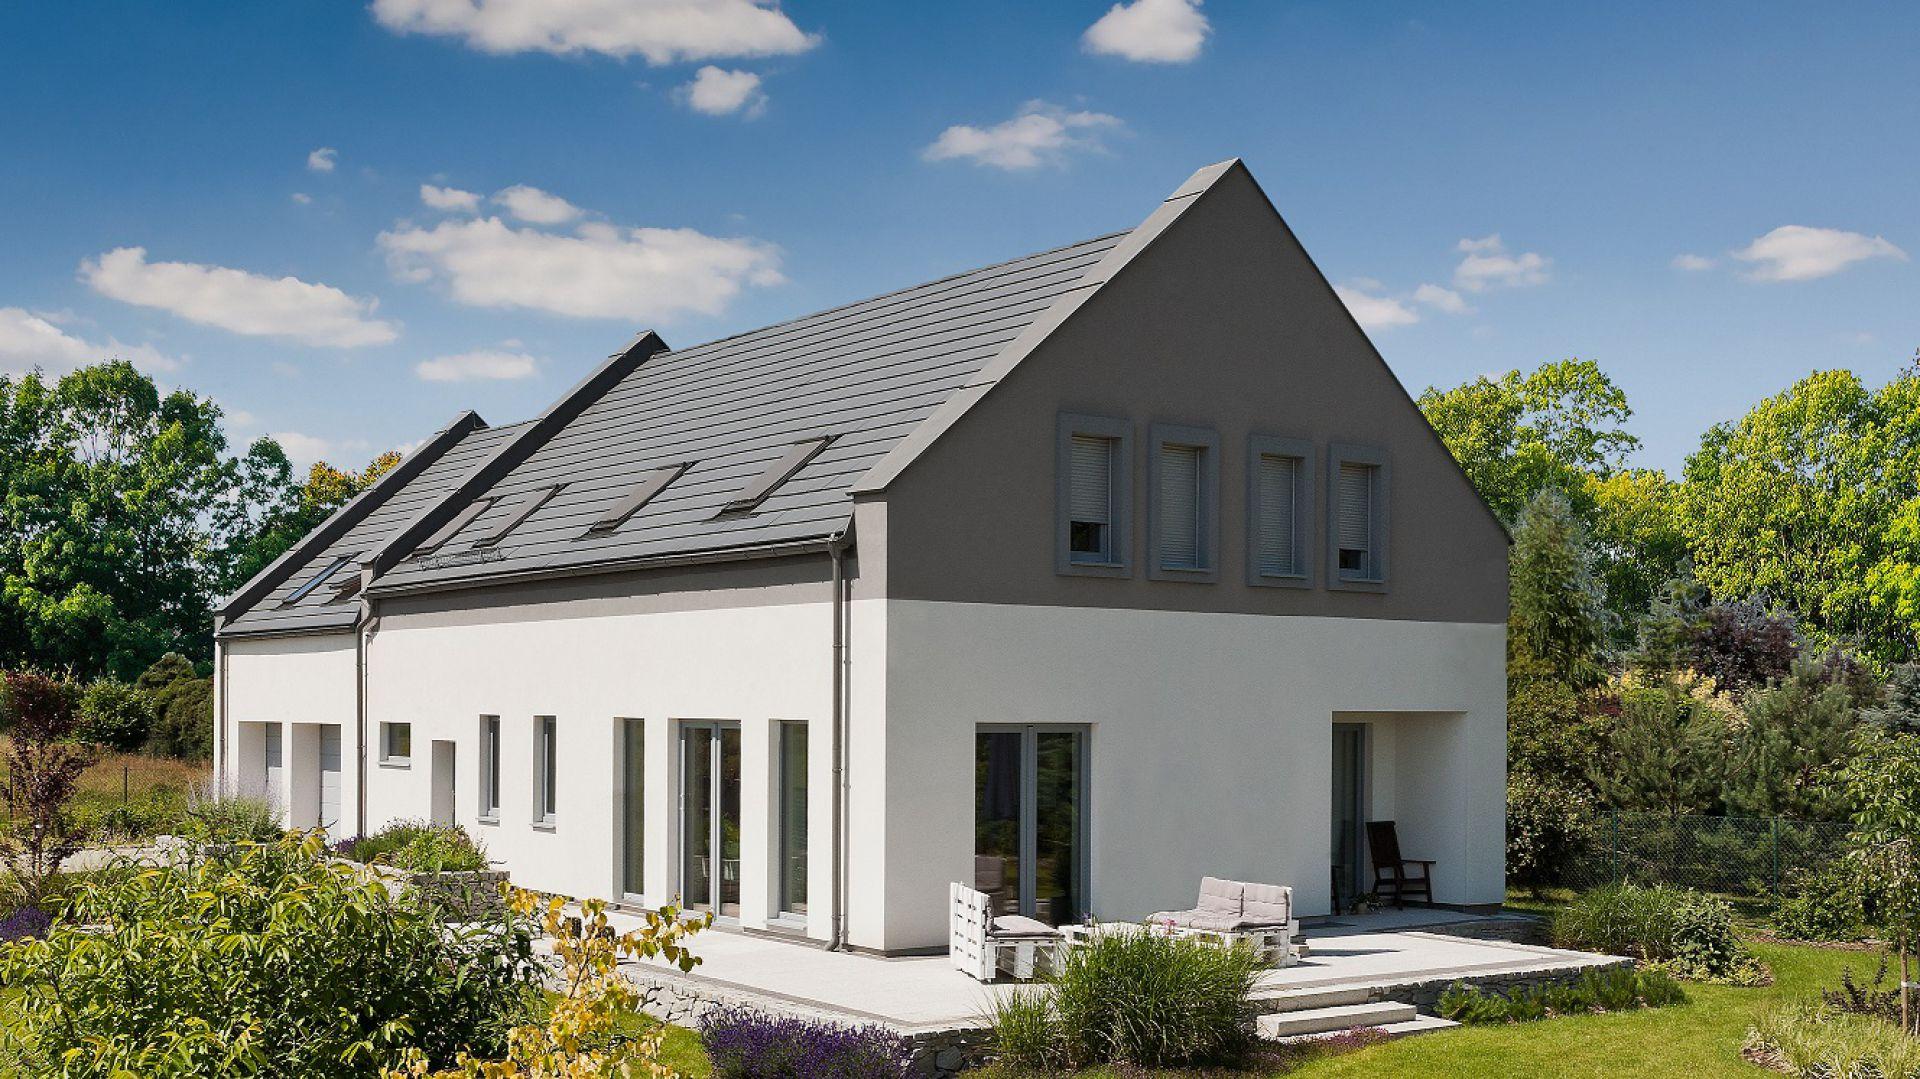 Dachówki w odcieniach szarości to niesłabnący trend na rynku pokryć dachowych. Fot. Braas